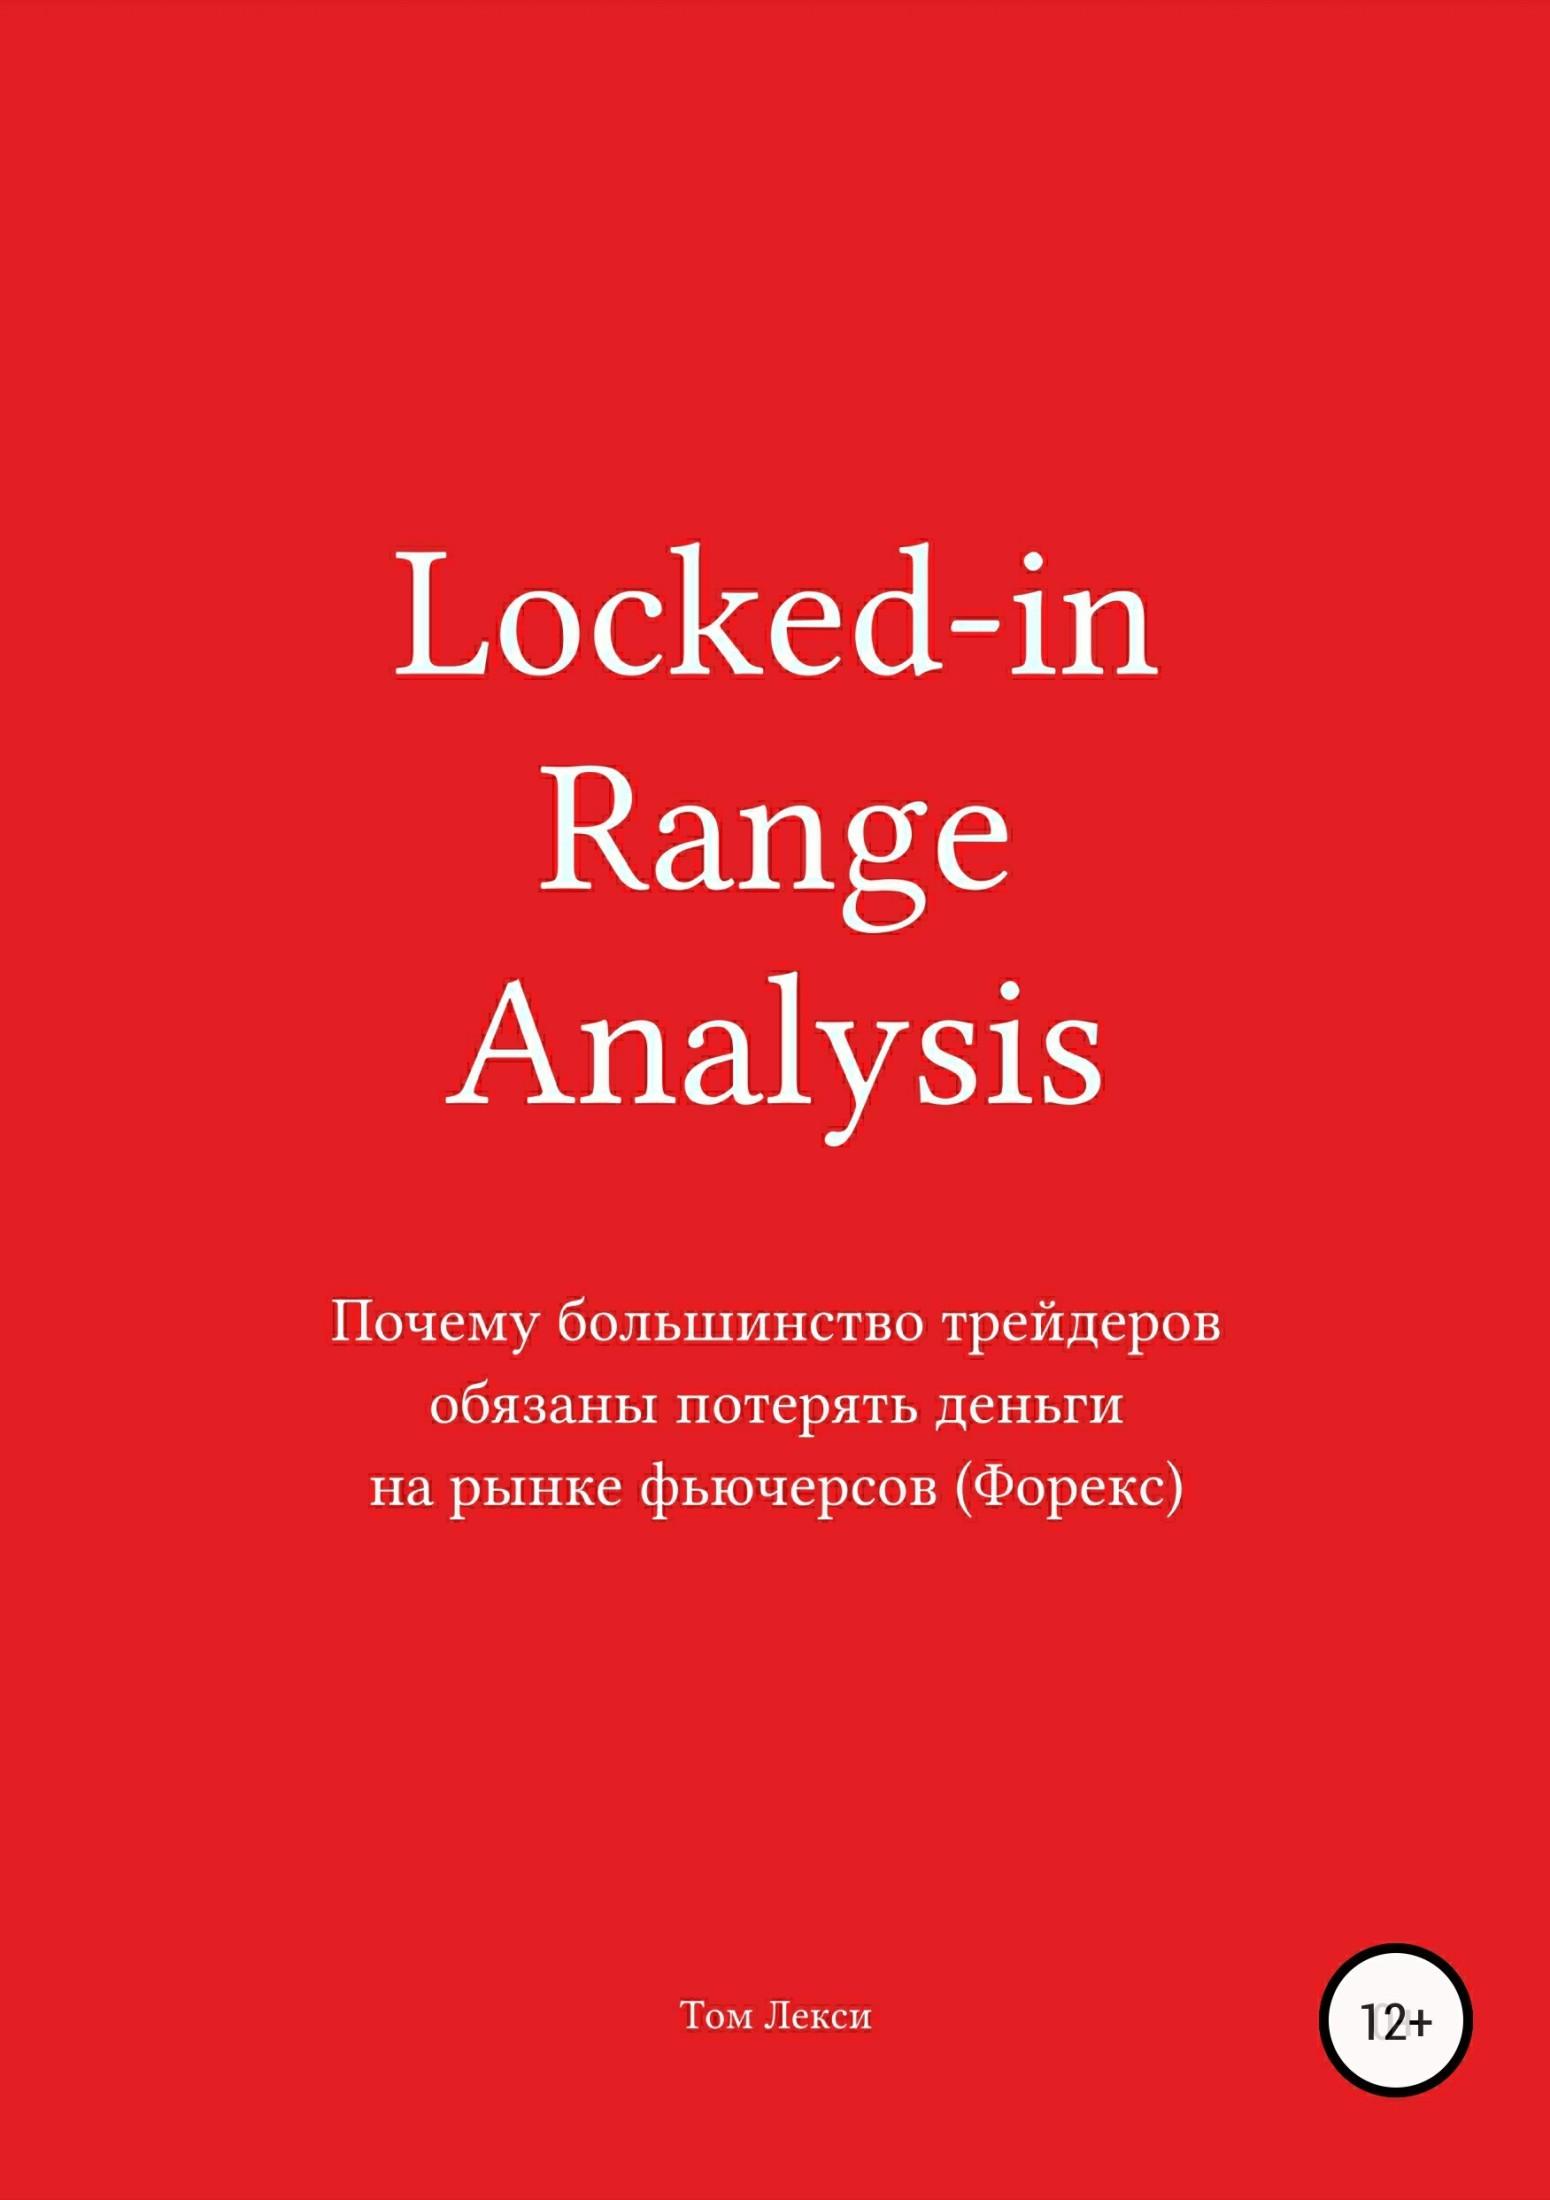 Locked-in Range Analysis: Почему большинство трейдеров обязаны потерять деньги на рынке фьючерсов (Форекс)